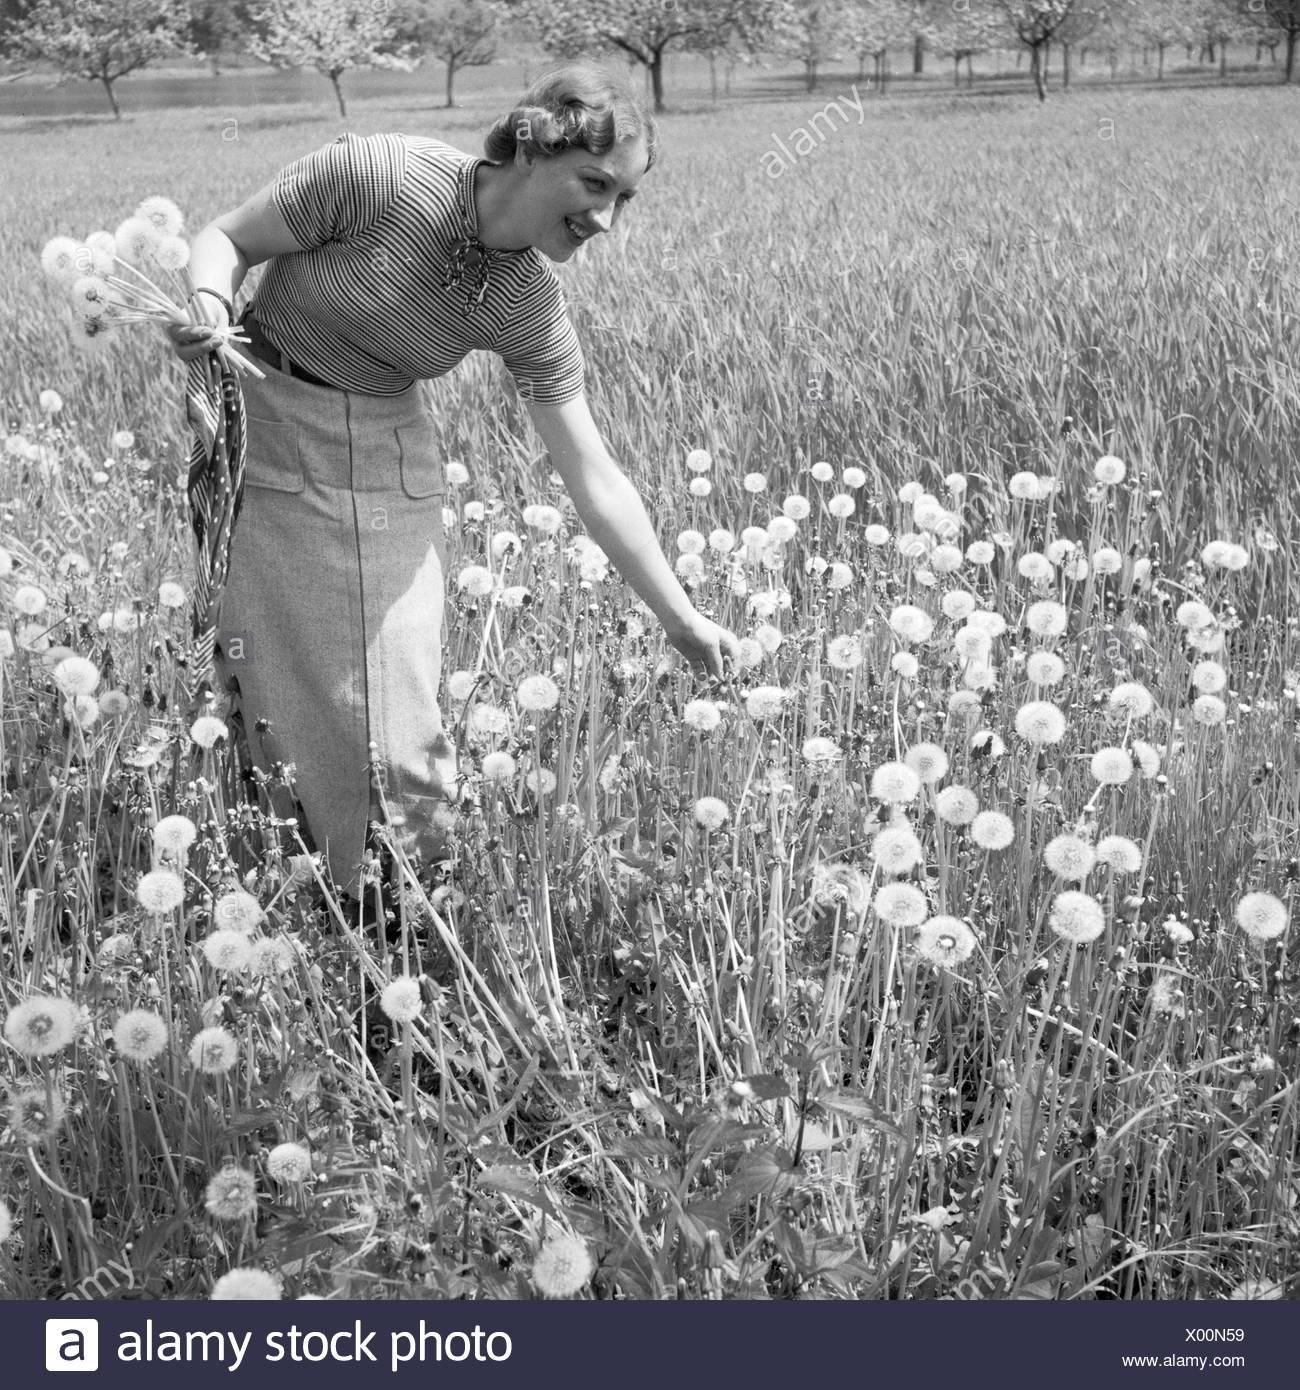 Eine Frau Pflückt Löwenzahn in Einem Feld, Deutschland 1930er Jahre. Eine Frau, die Kommissionierung einige Löwenzähne in einem Feld, Deutschland der 1930er Jahre. Stockbild